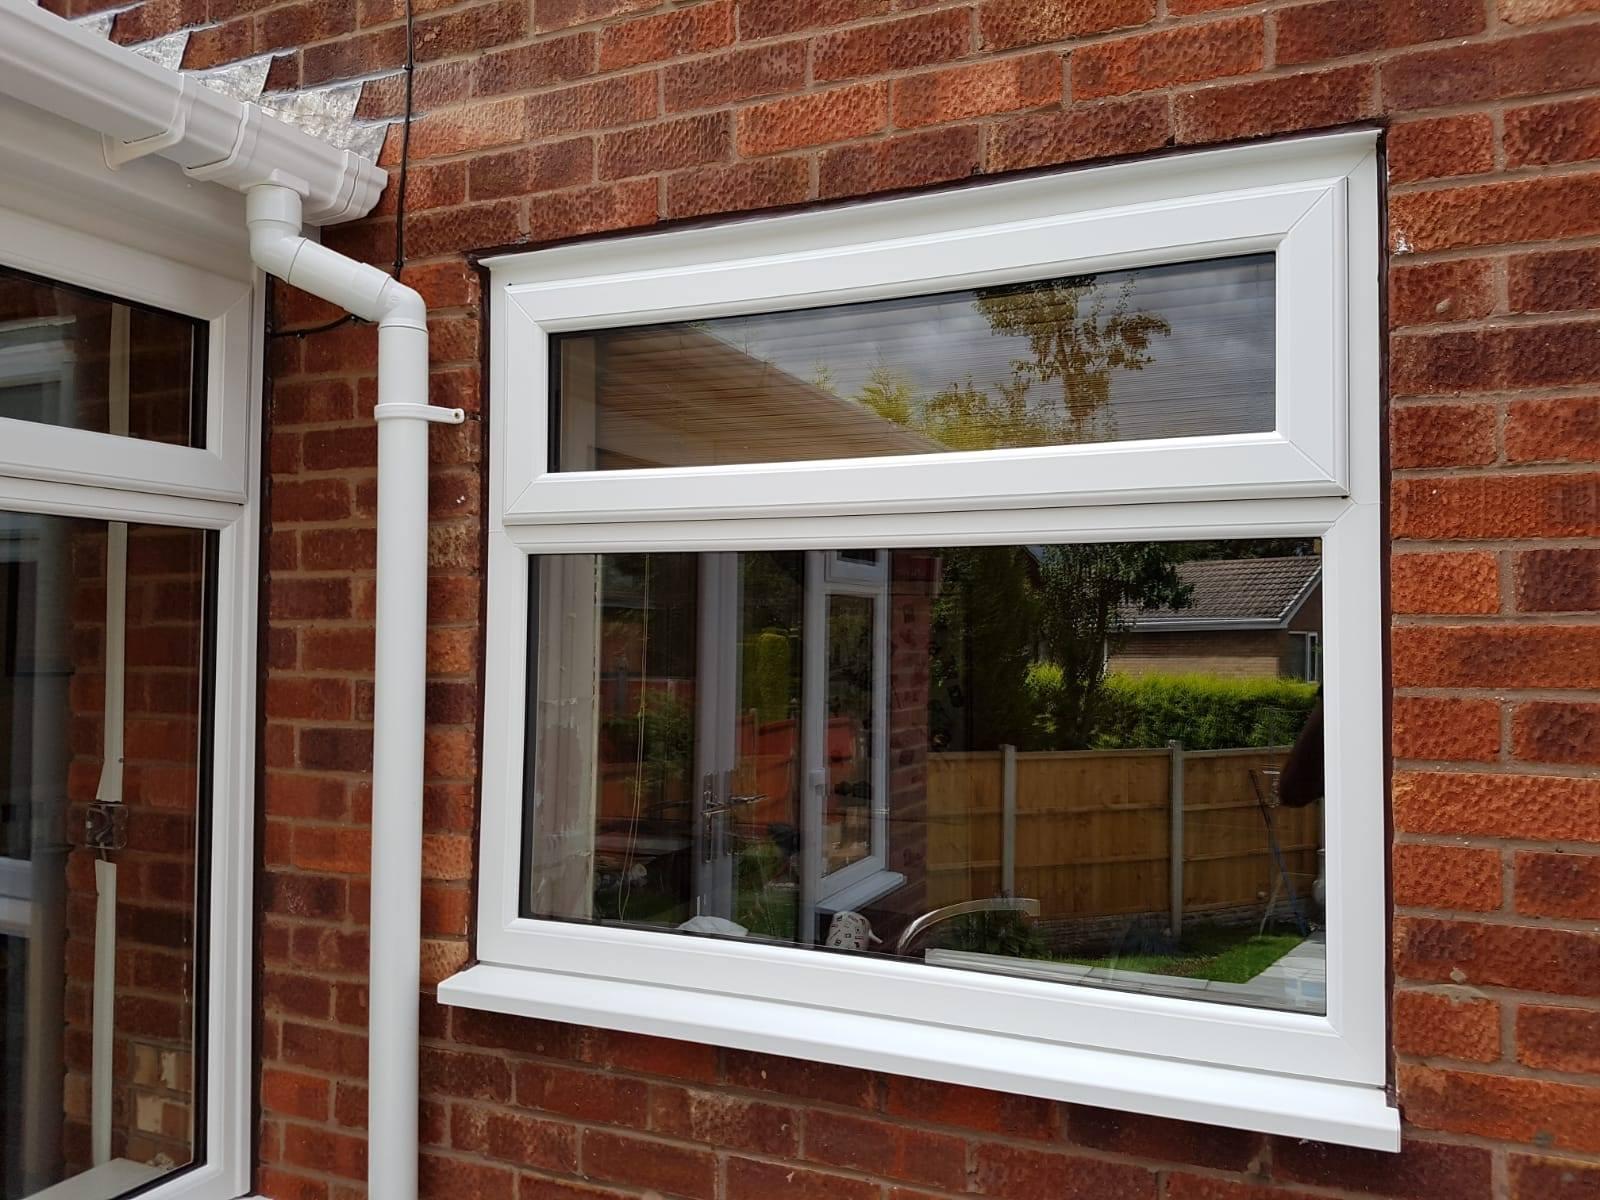 WHITE DOUBLE GLAZED WINDOW